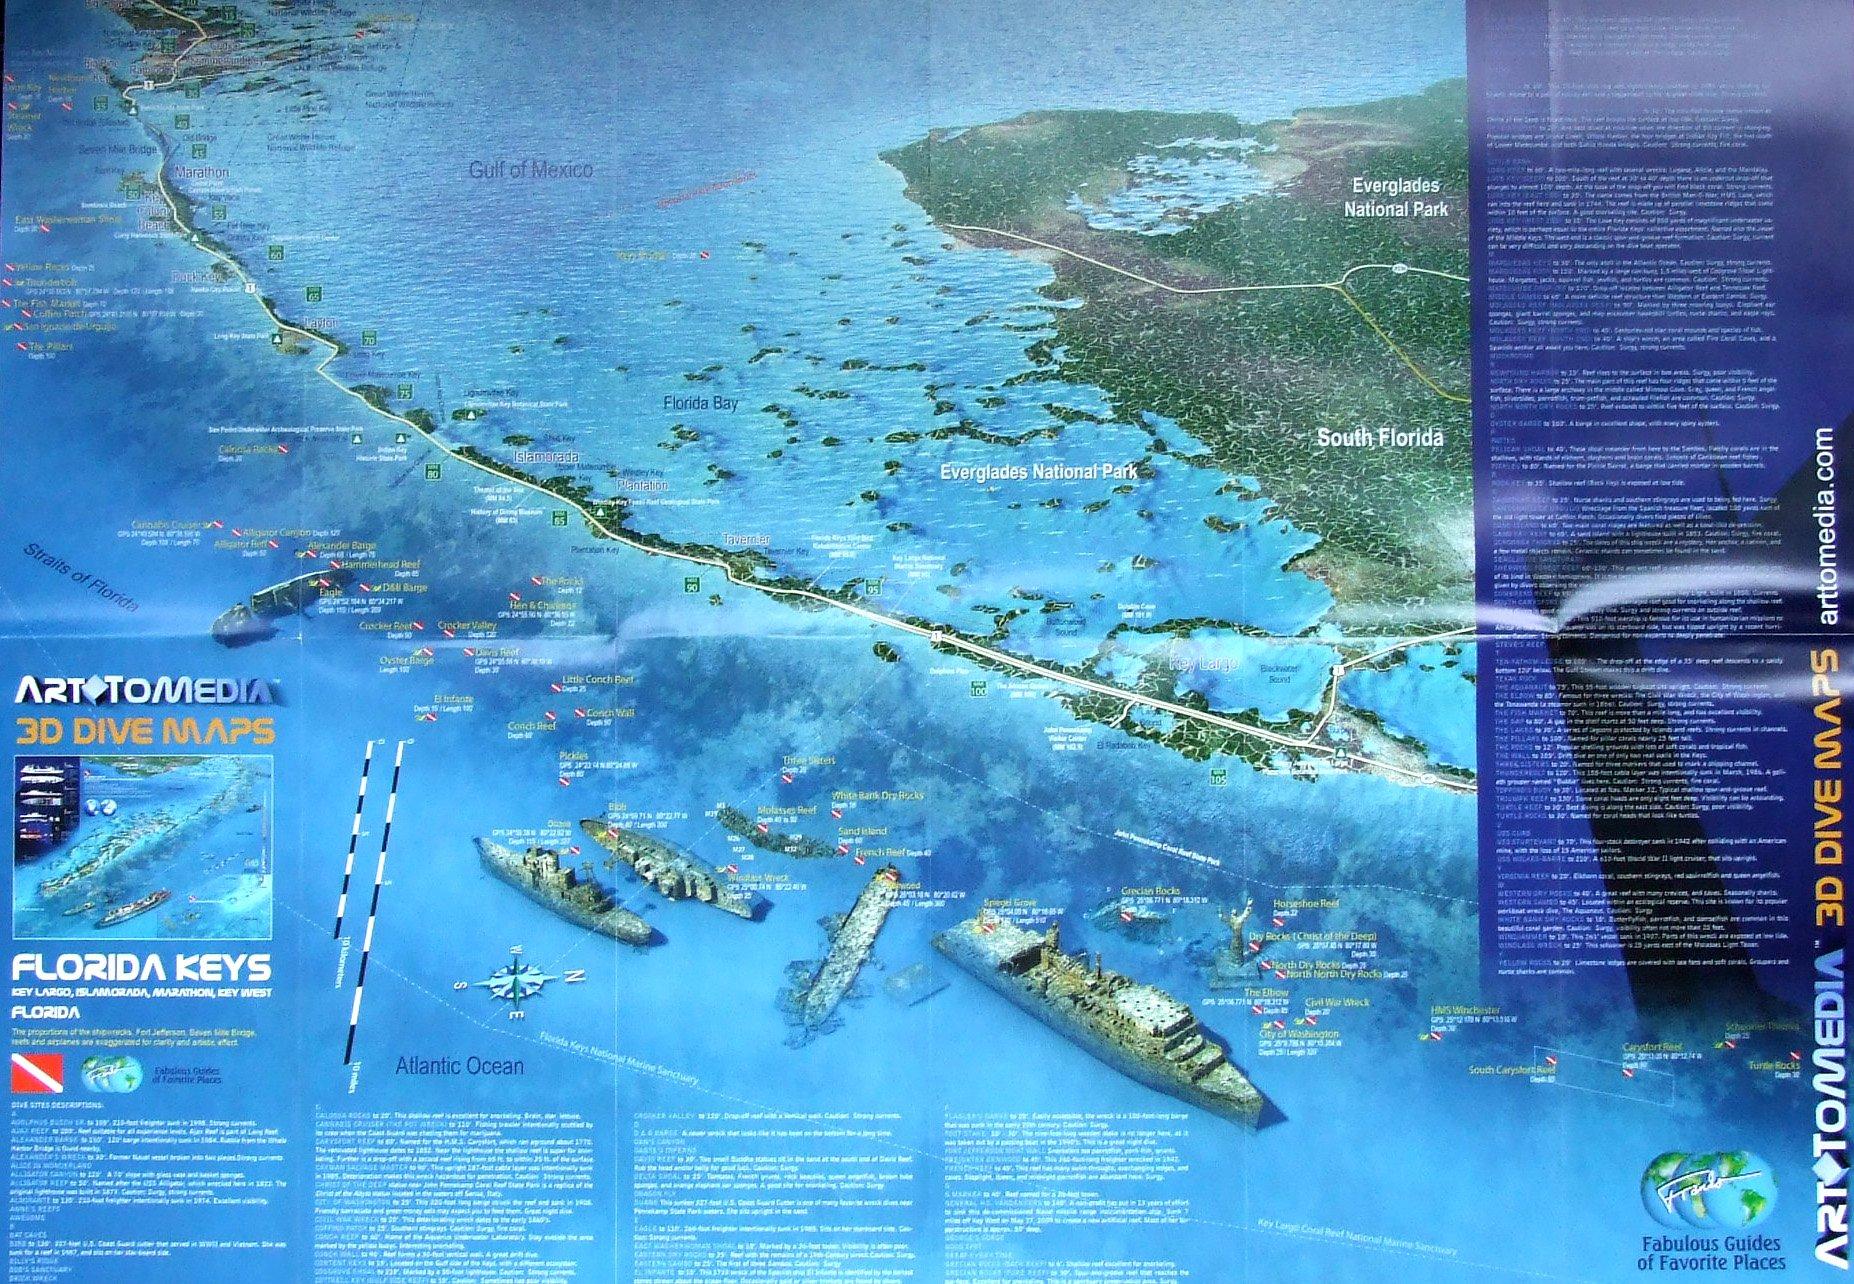 Florida Shipwrecks Map.Florida Shipwrecks Map World Map 07